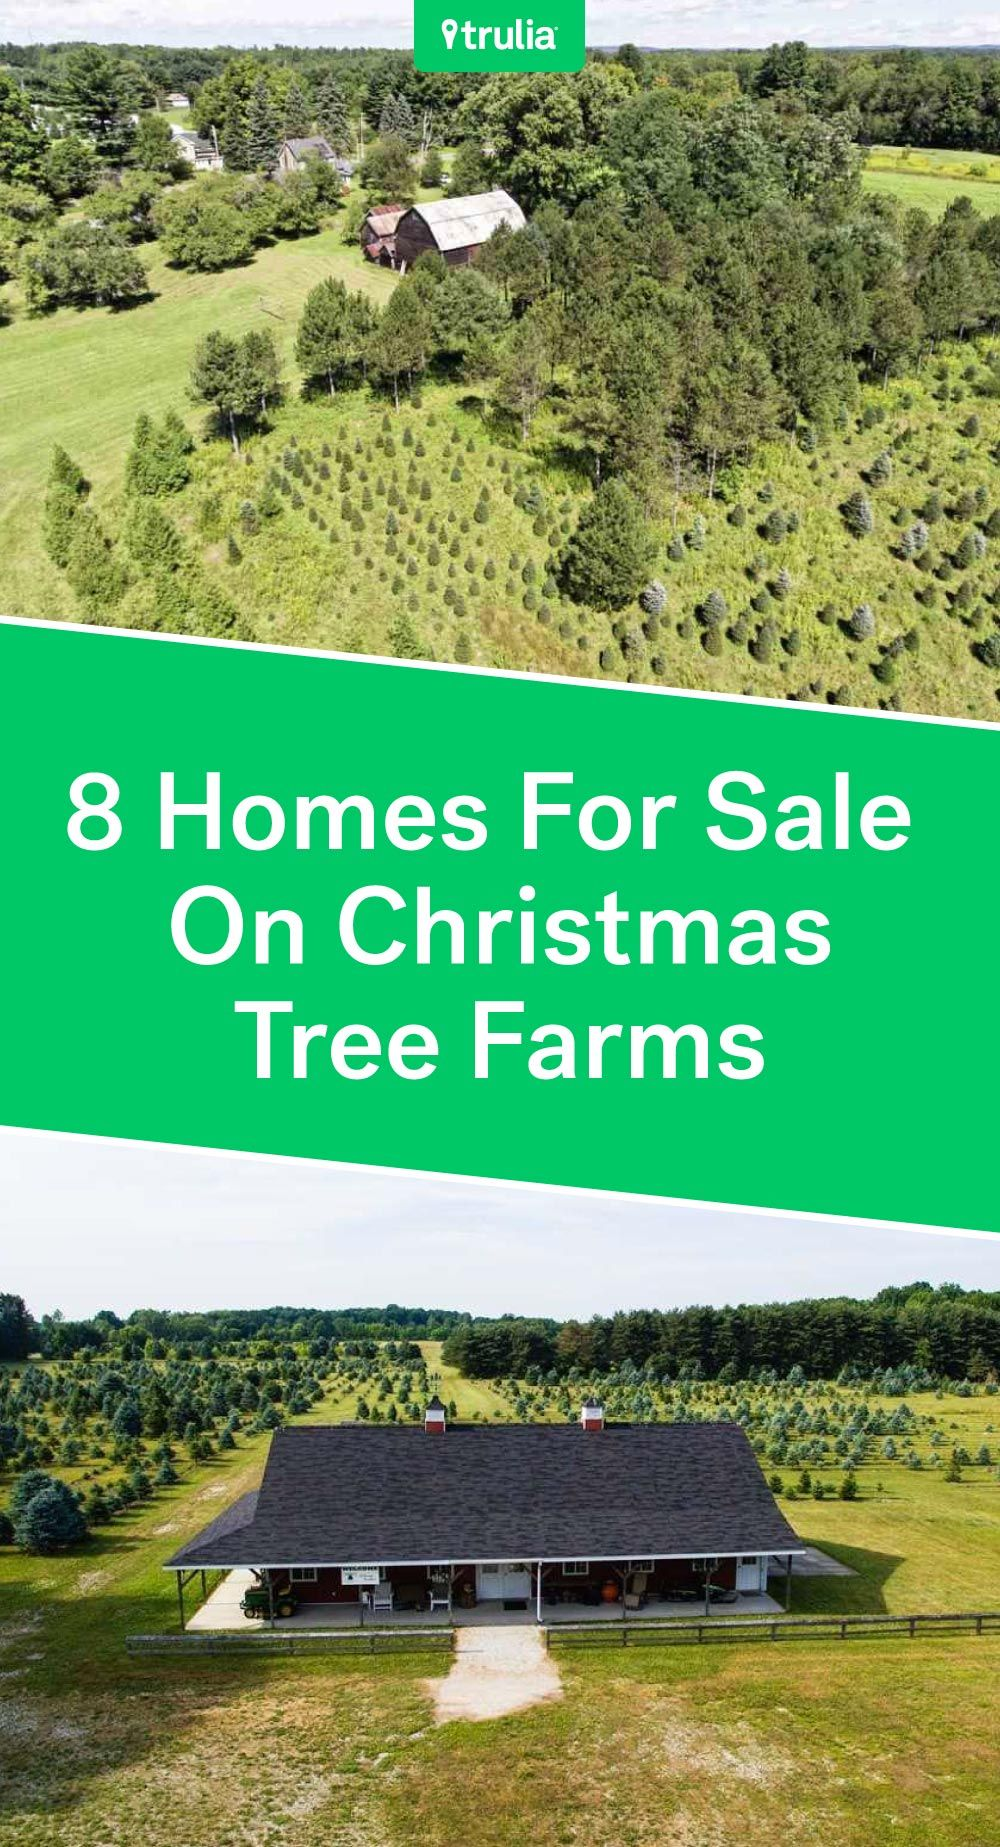 8 Christmas Tree Farm Homes For Sale Life At Home Trulia Blog Christmas Tree Farm Tree Farms Farmhouse Christmas Tree